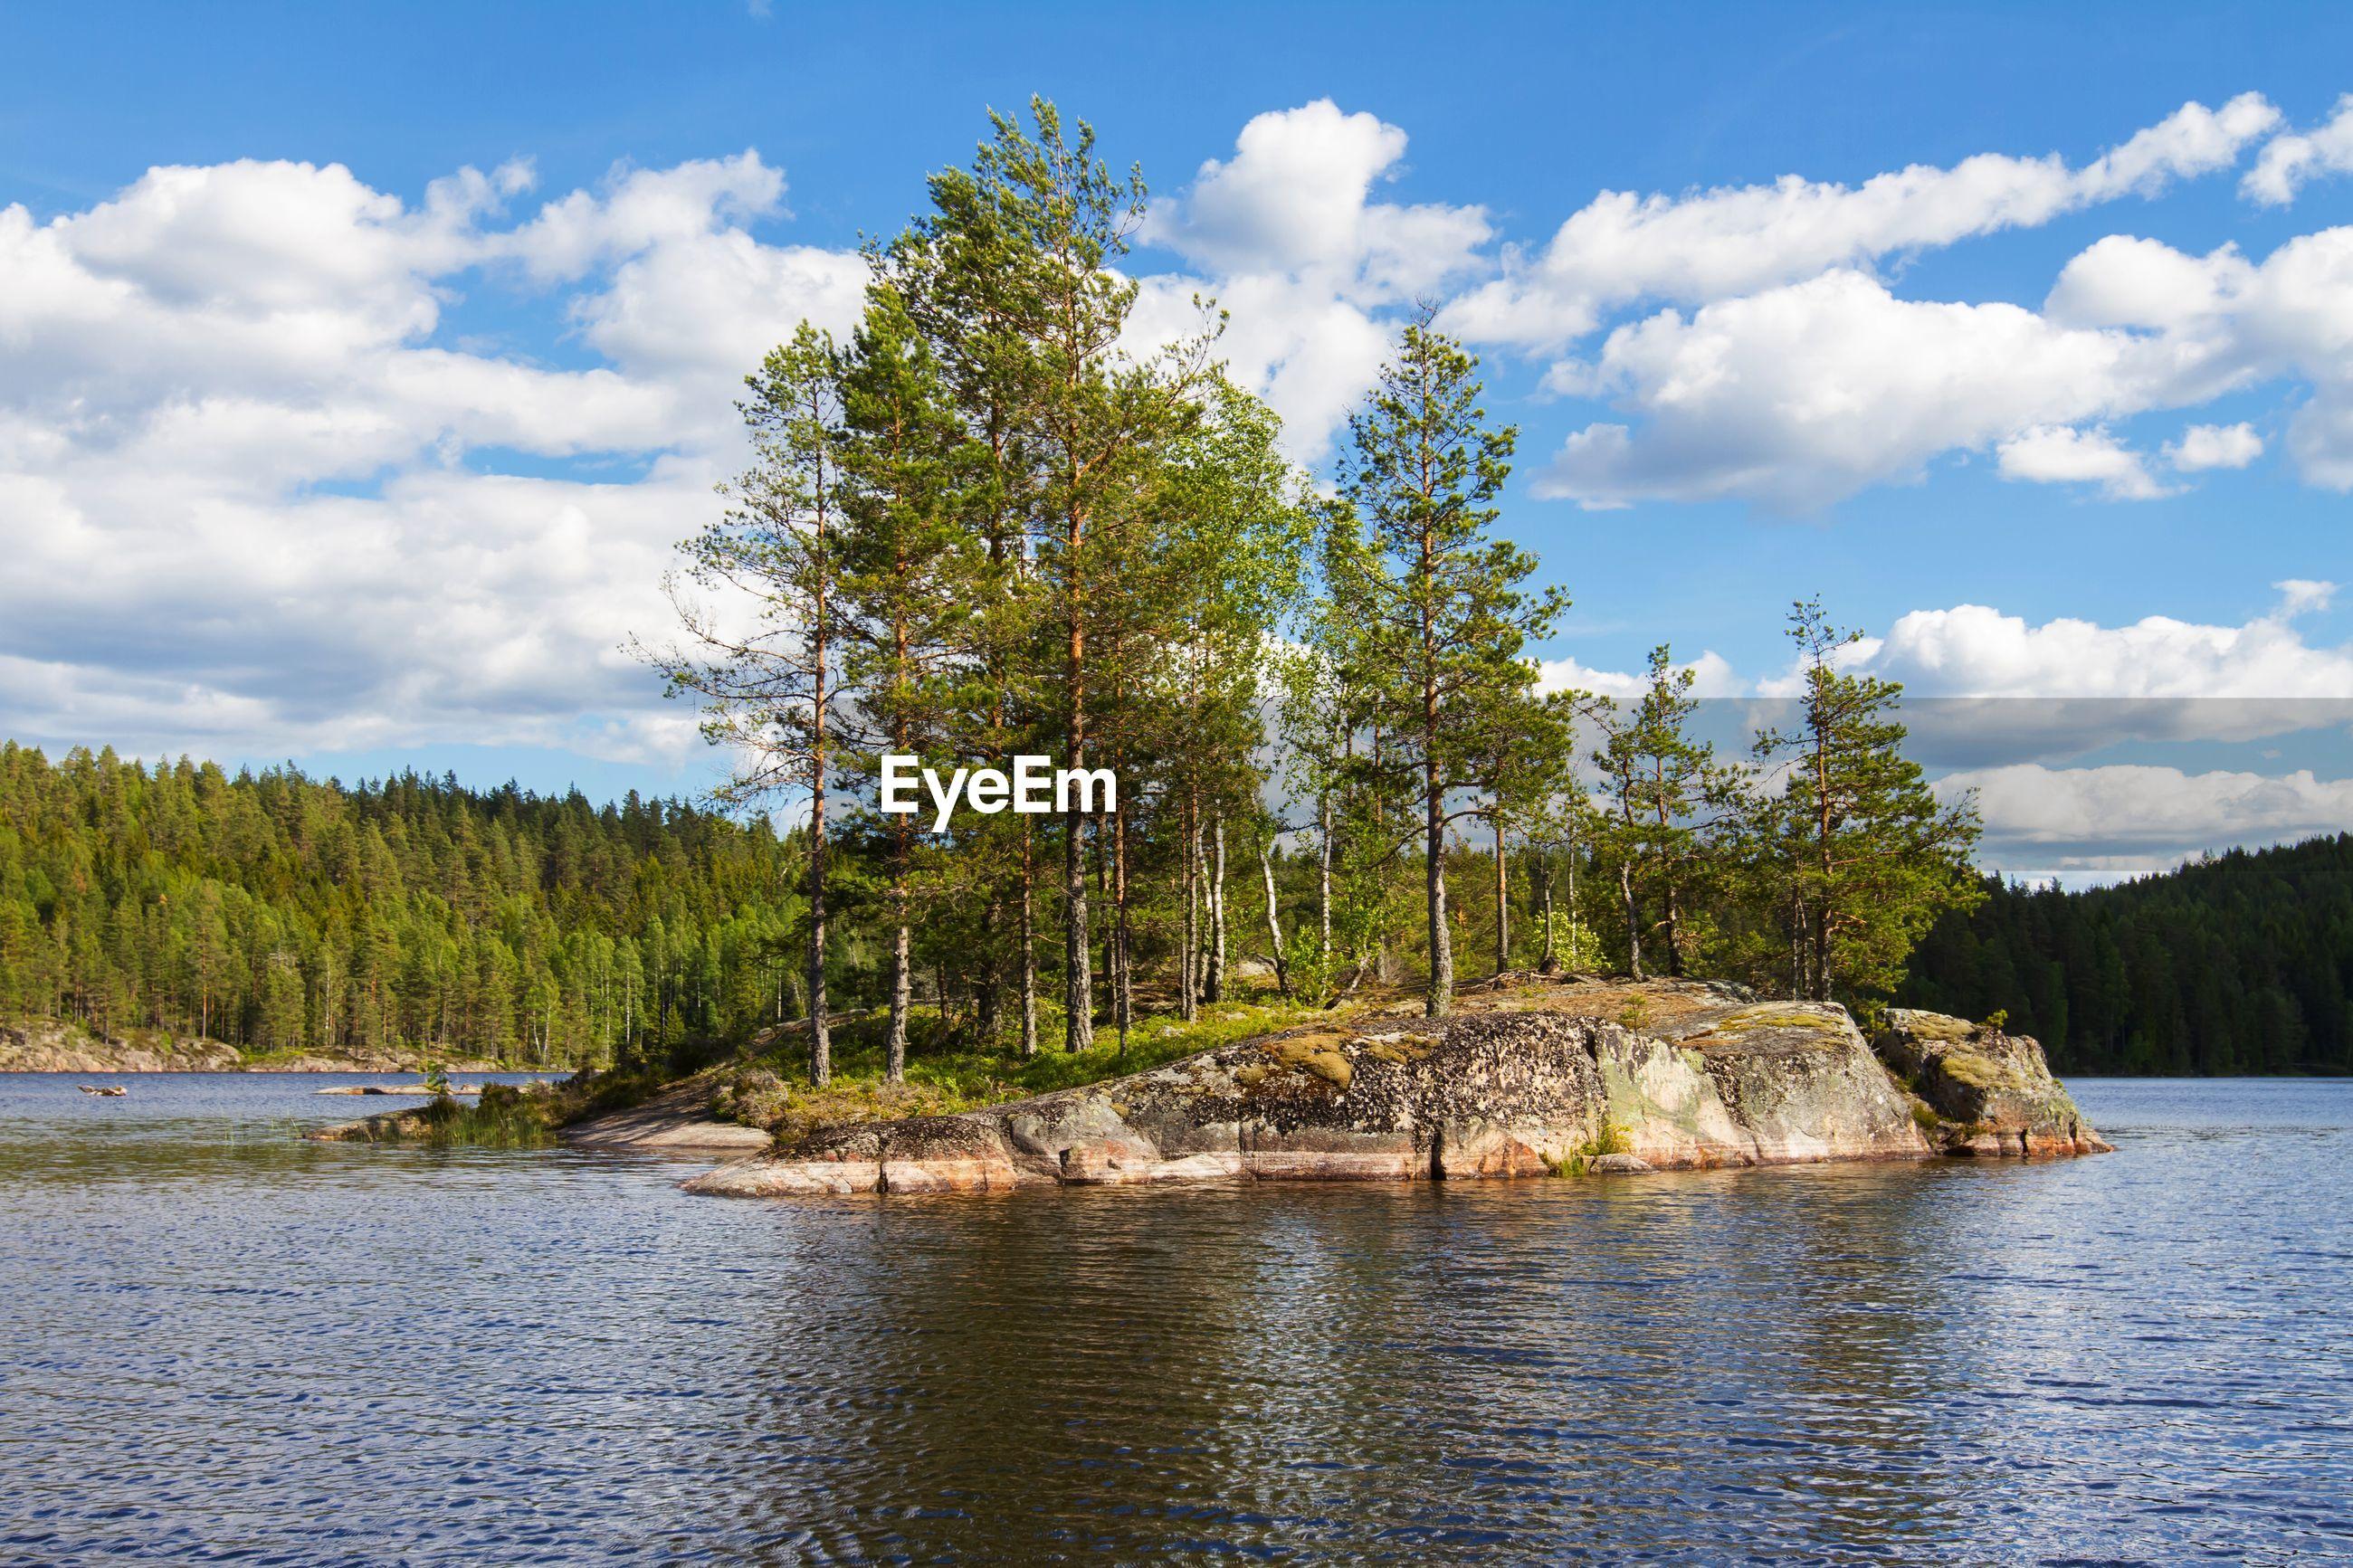 Trees on rock formation in stora gla at glaskogens naturreservat